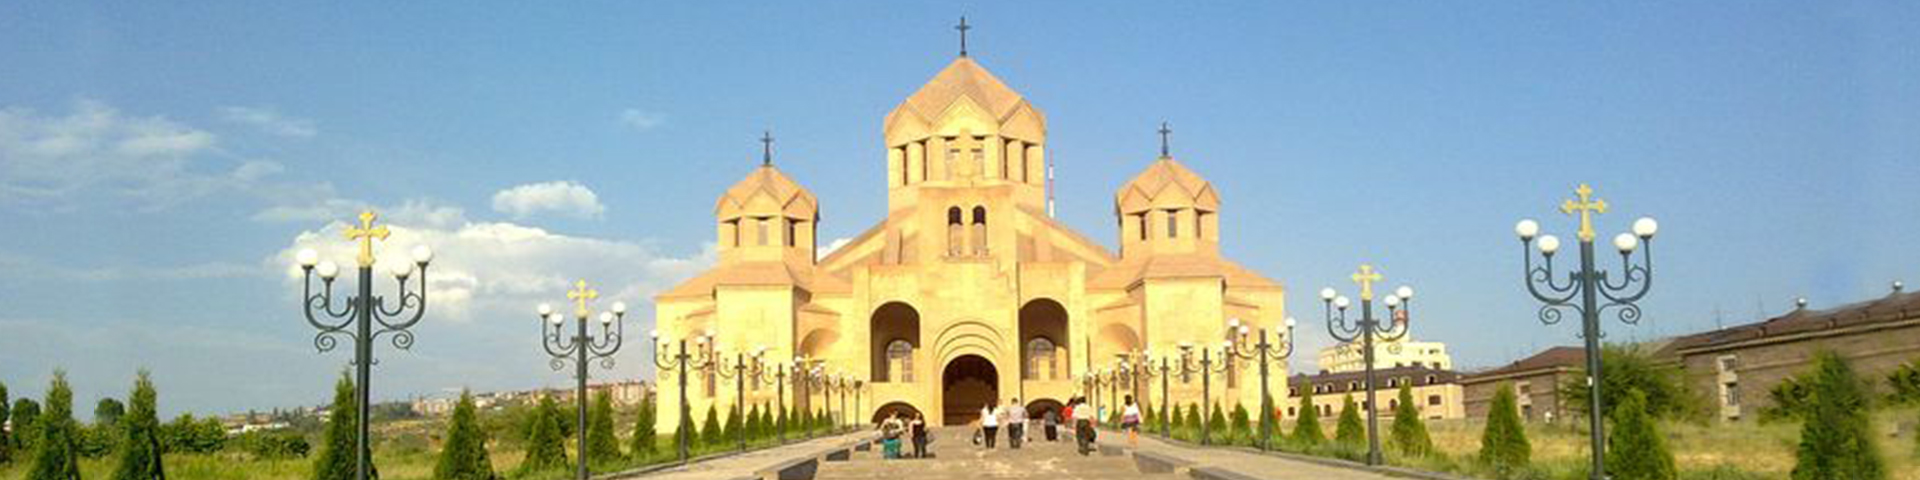 تورهای ارمنستان نوروز 1400